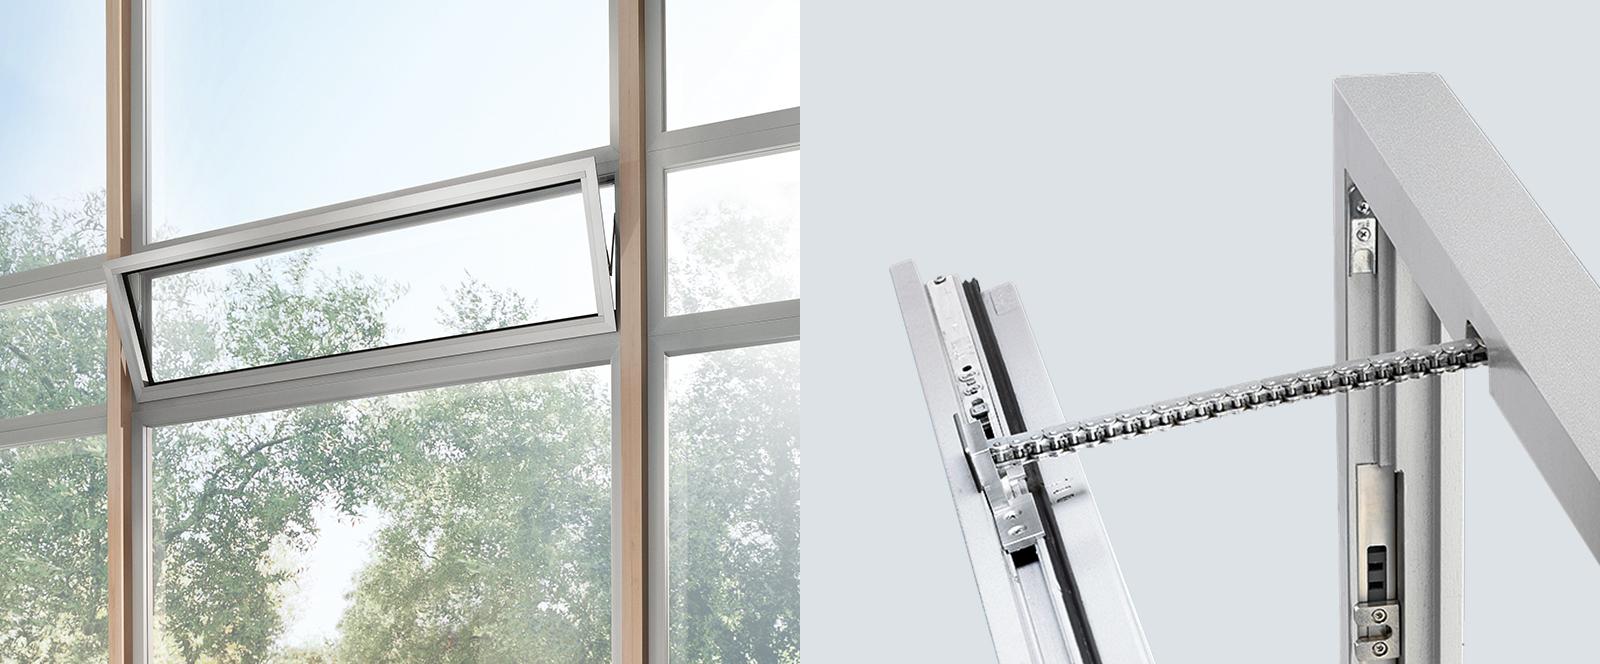 Welche fenster sind gut hausdesign fr fenster rollos und - Fenster geht nicht zu ...